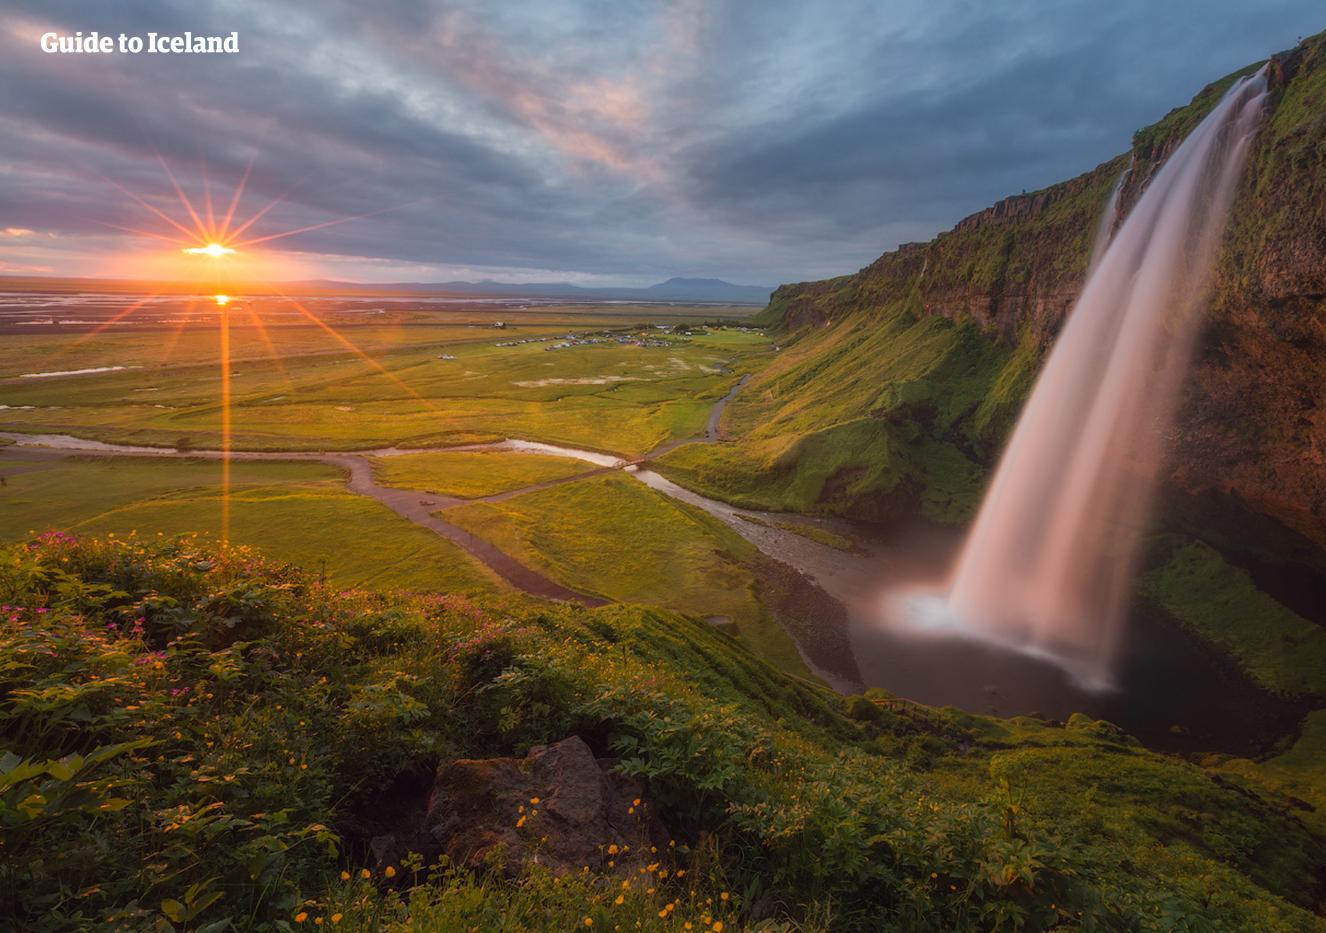 Stojąc za kaskadą wody Seljalandsfoss możesz zrobić niepowtarzalne zdjęcia fascynującego krajobrazu południowego wybrzeża Islandii.